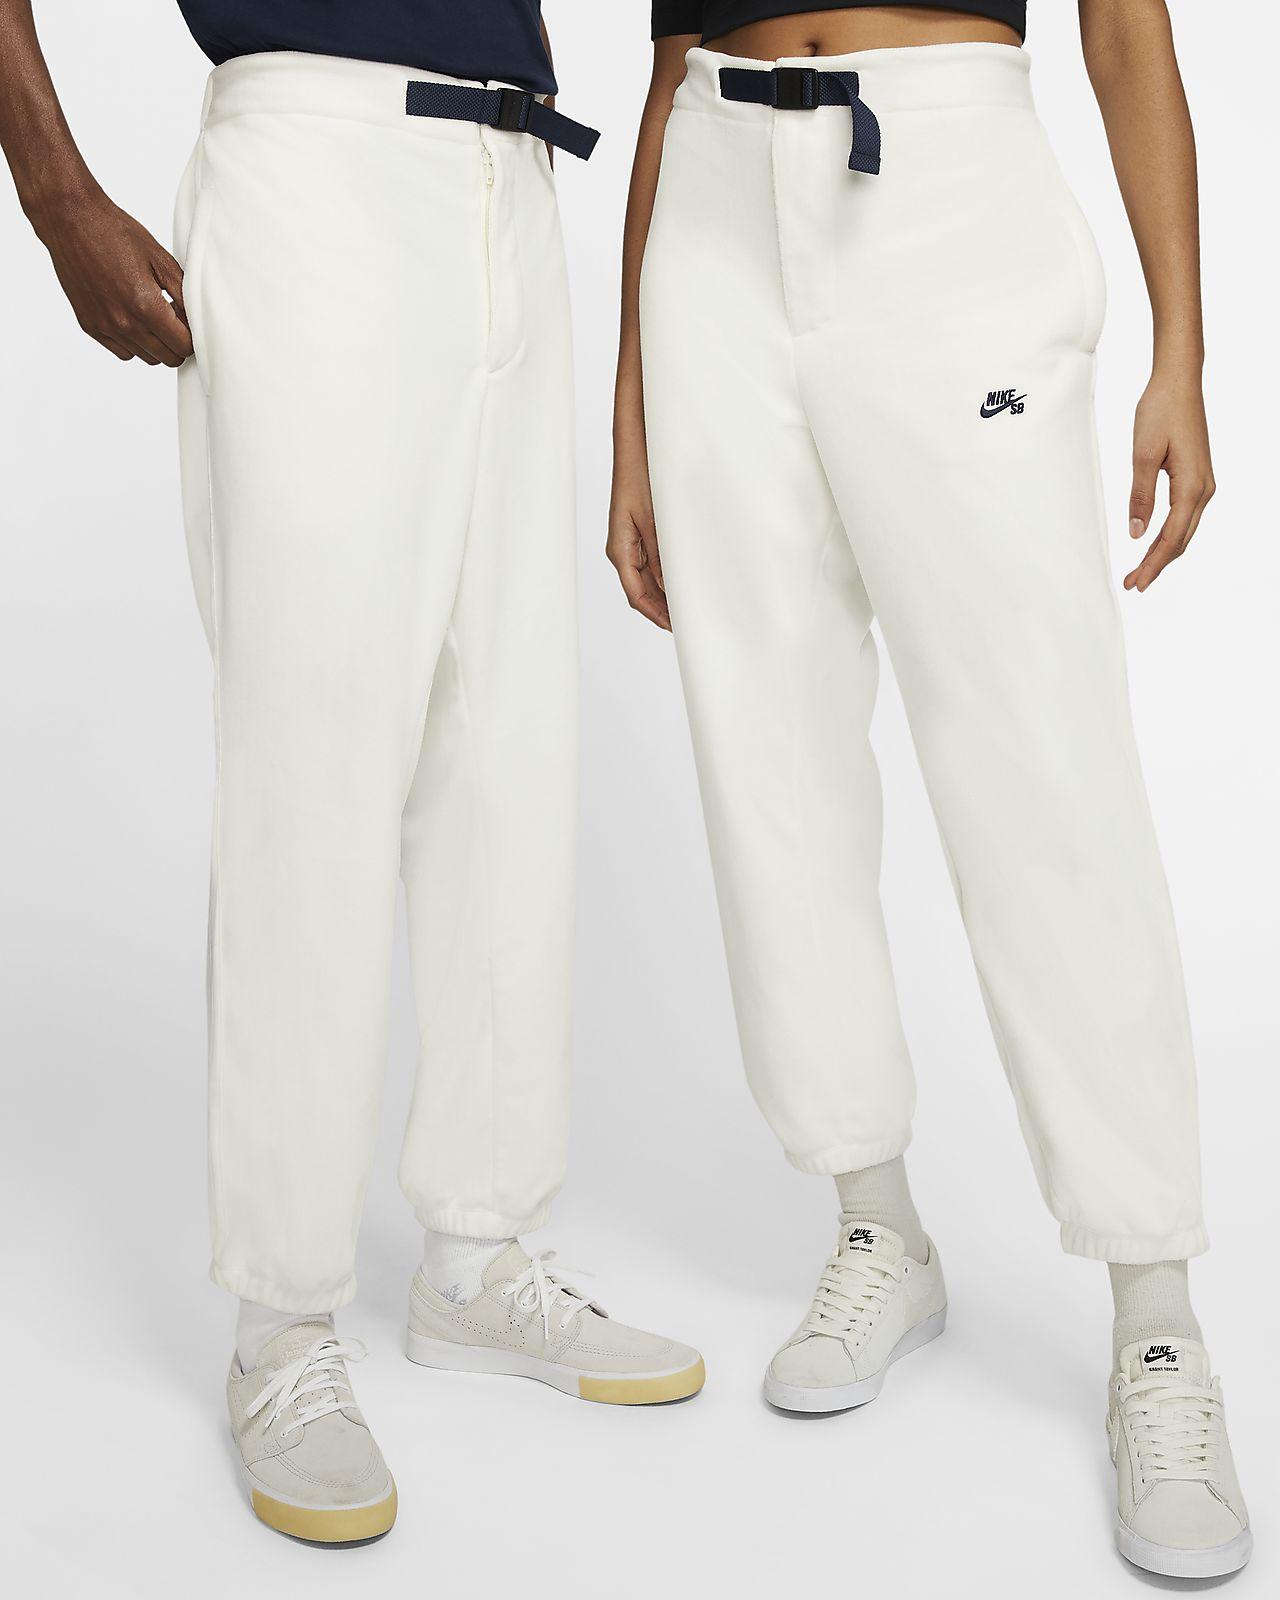 Spodnie z dzianiny do skateboardingu Nike SB